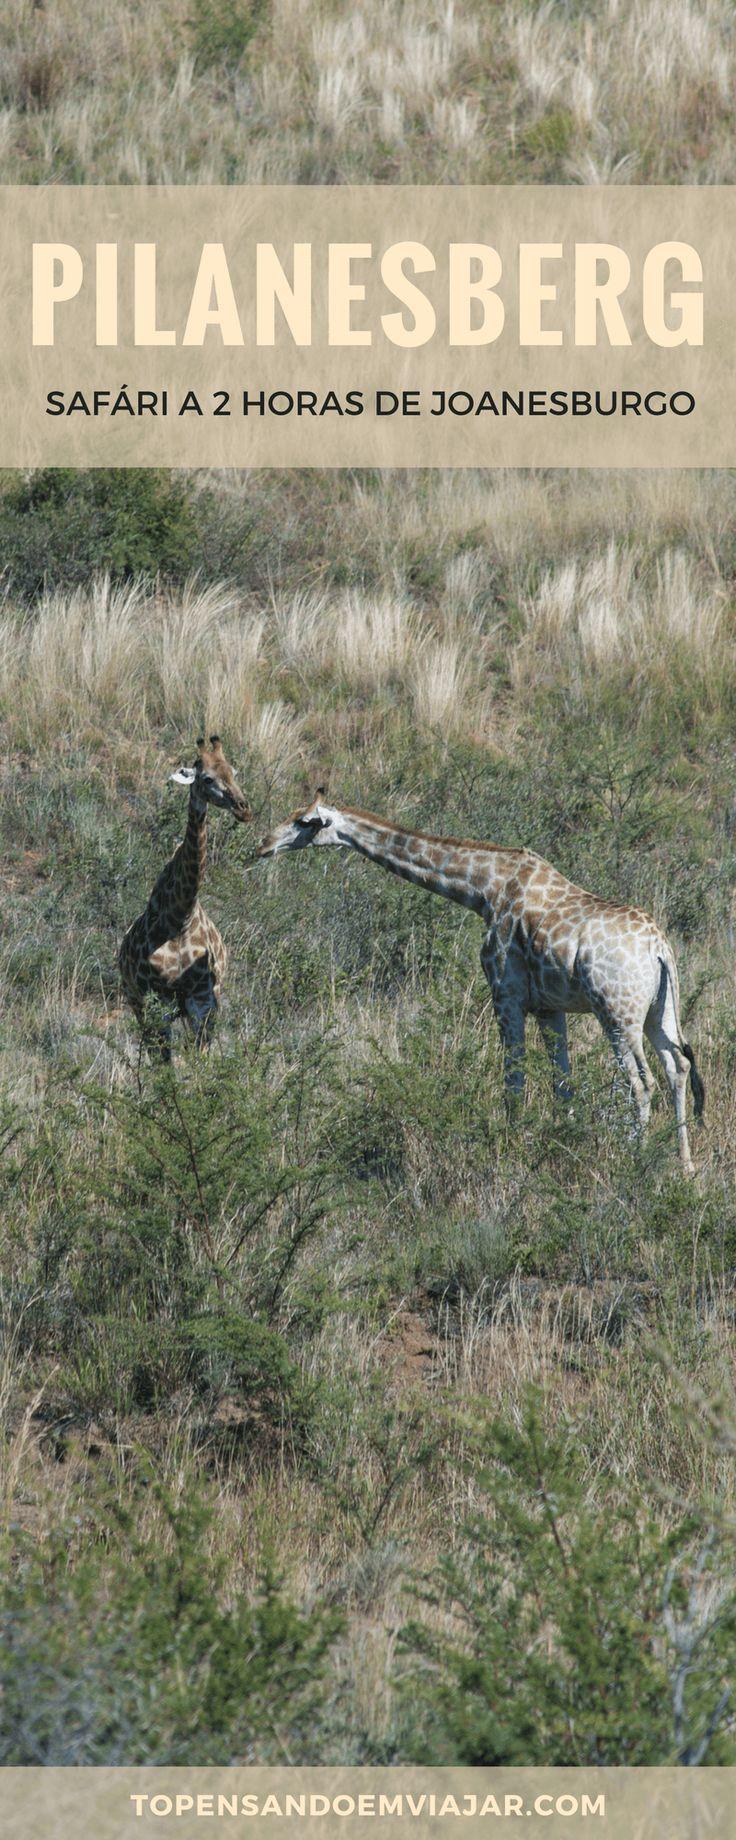 Quer aproveitar uma rápida escala em Joanesburgo e fazer um safári na África do Sul?! Você TEM que conhecer o Pilanesberg Park!